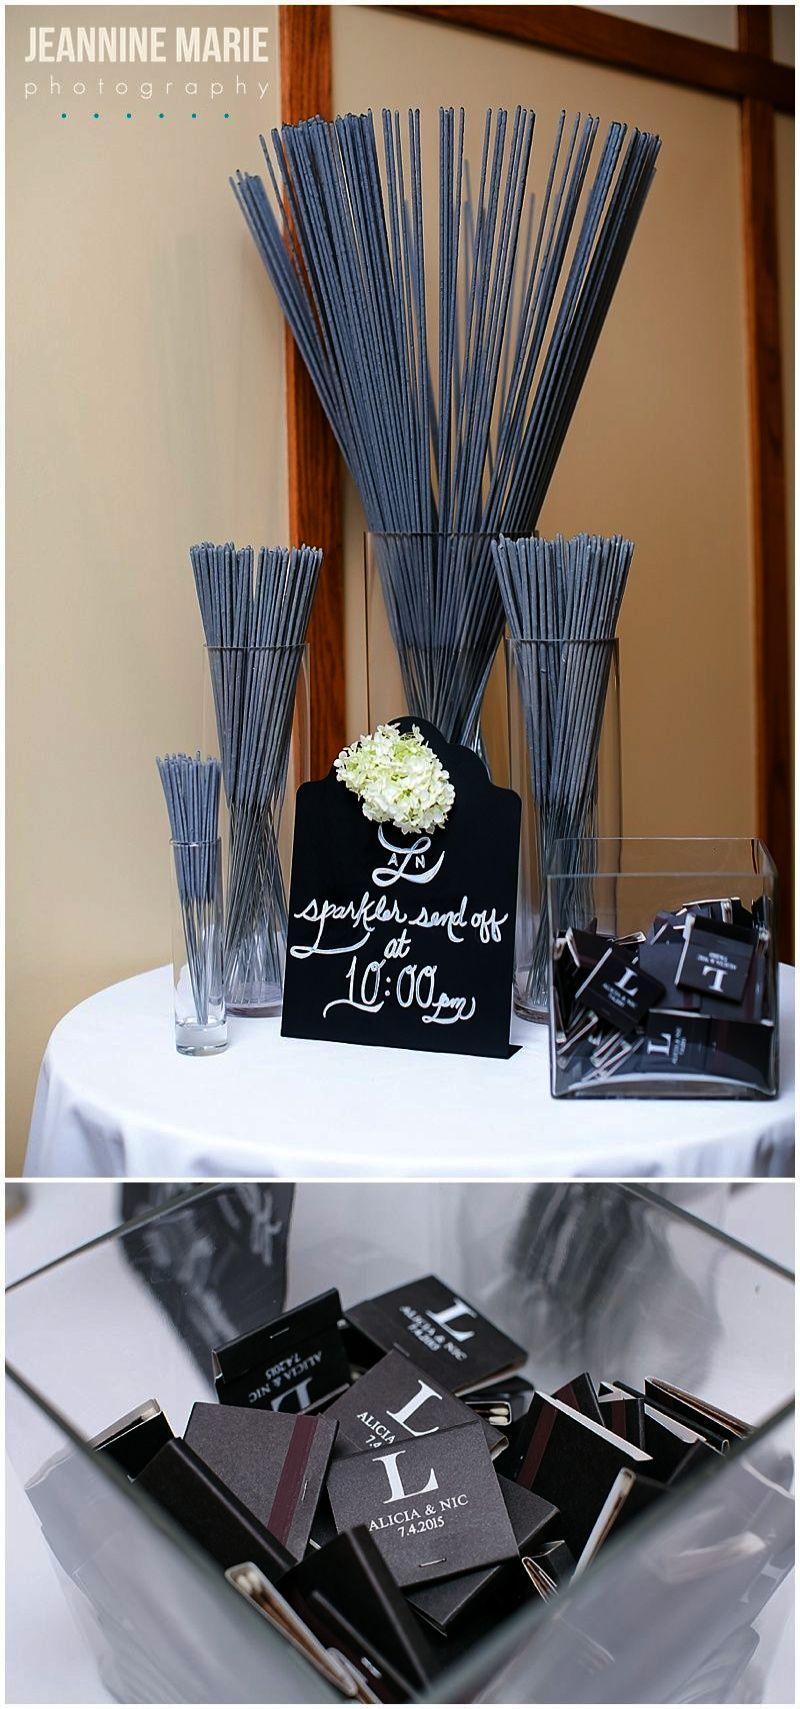 Last minute diy wedding decorations  DIY Wedding Favor Label Templates Unique Wedding Favors Ideas DIY